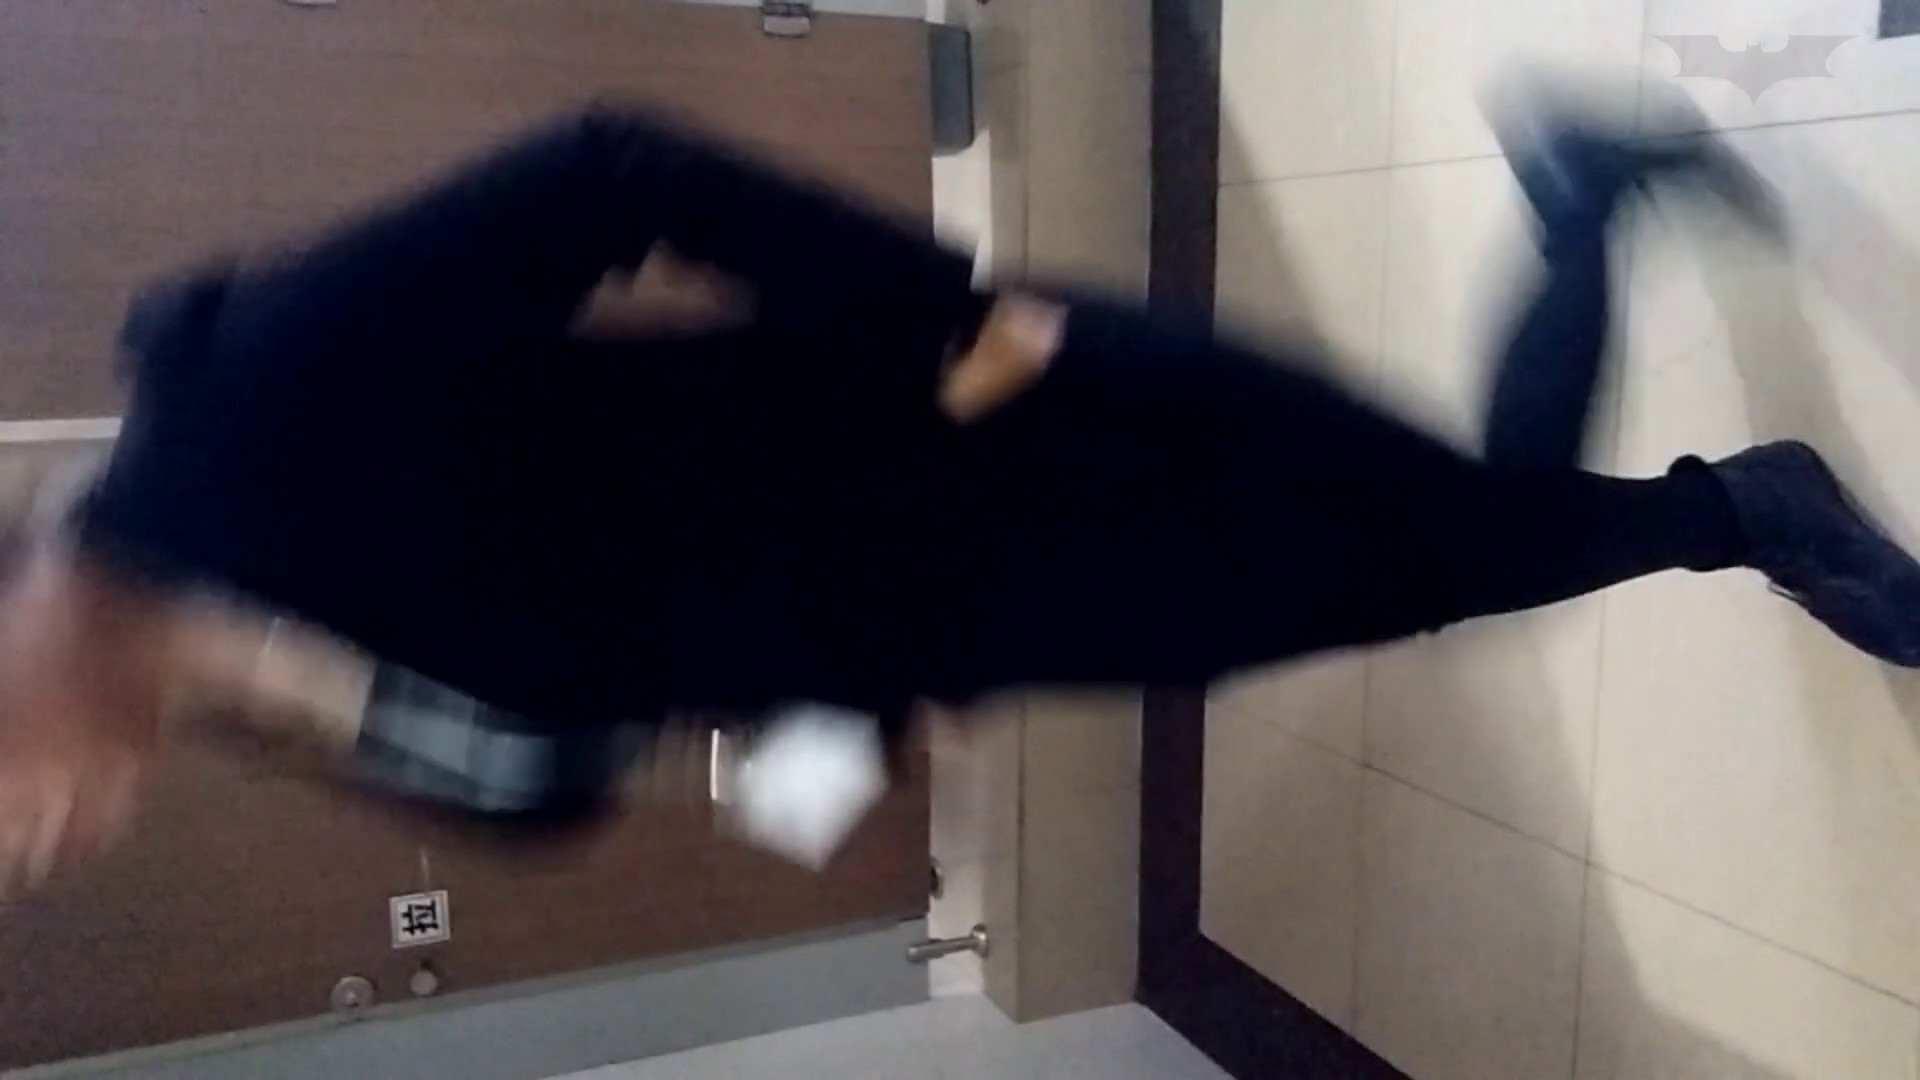 芸術大学ガチ潜入盗撮 JD盗撮 美女の洗面所の秘密 Vol.98 OL | トイレ中  72連発 55